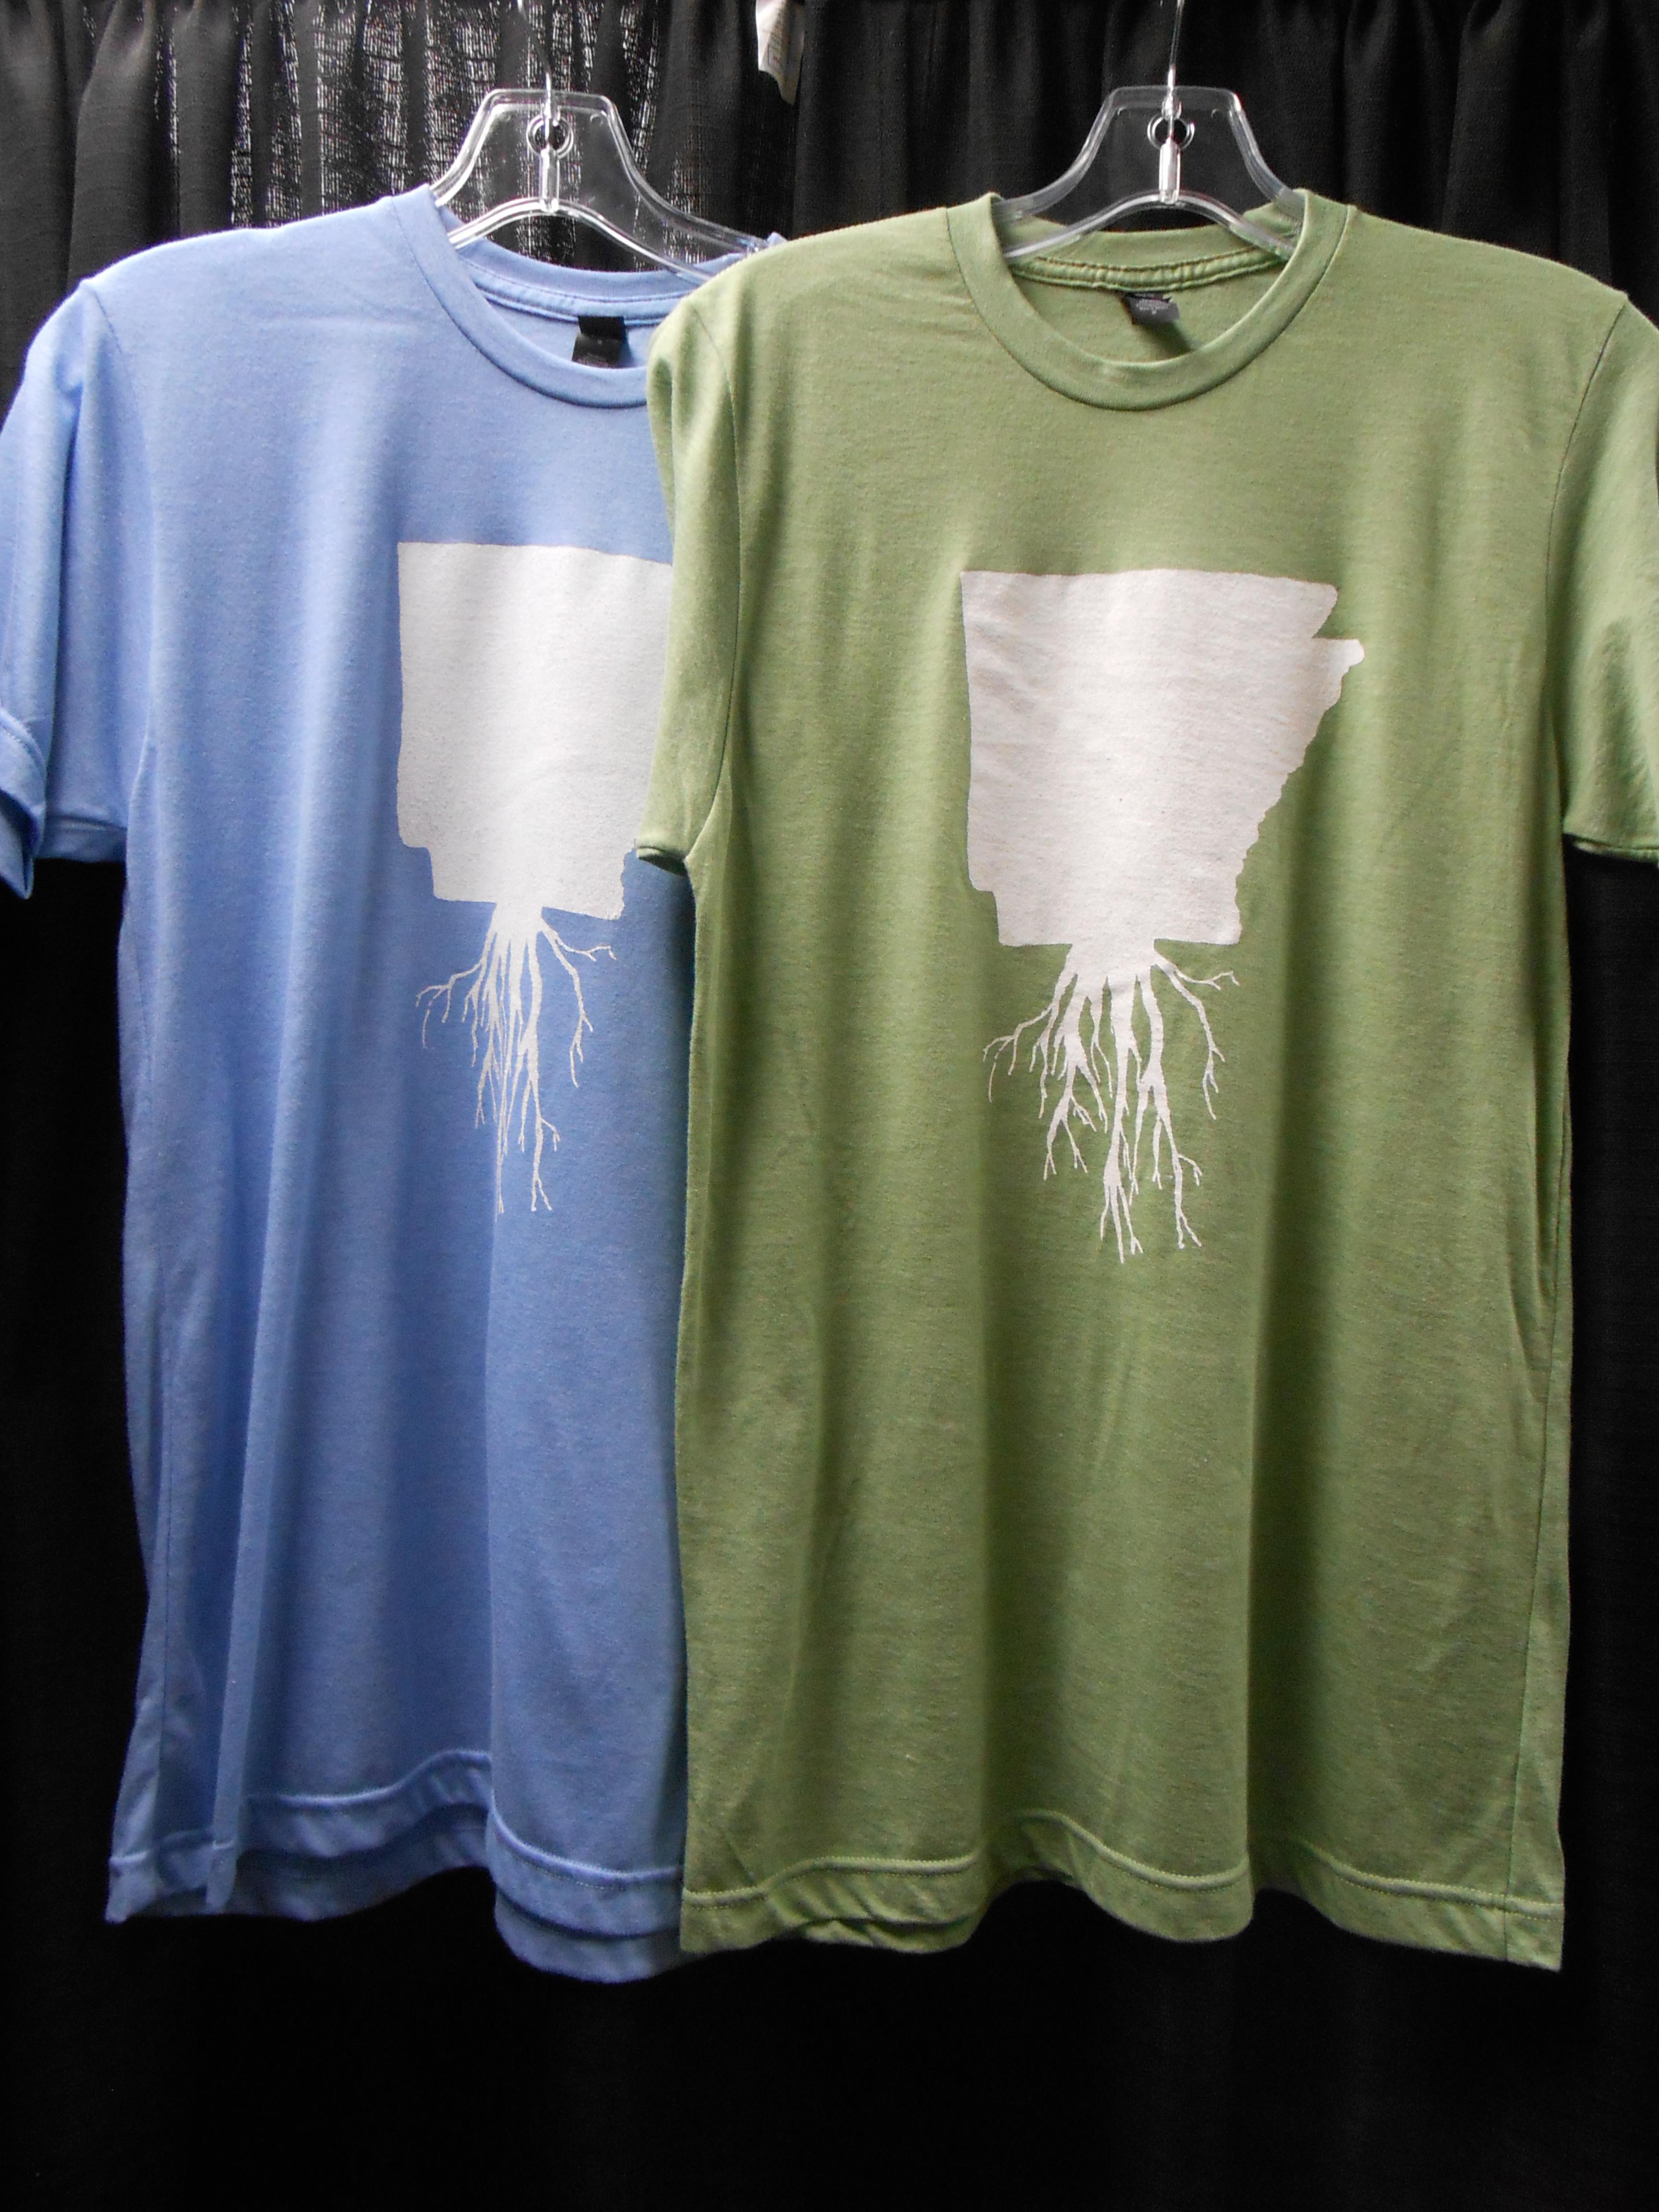 Arkansas Roots T-Shirt 0104